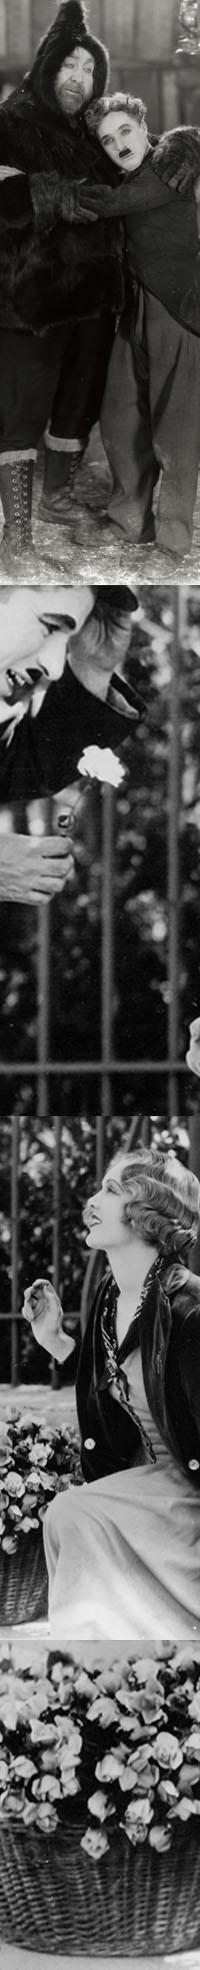 Frühlingserwachen mit Charlie Chaplin